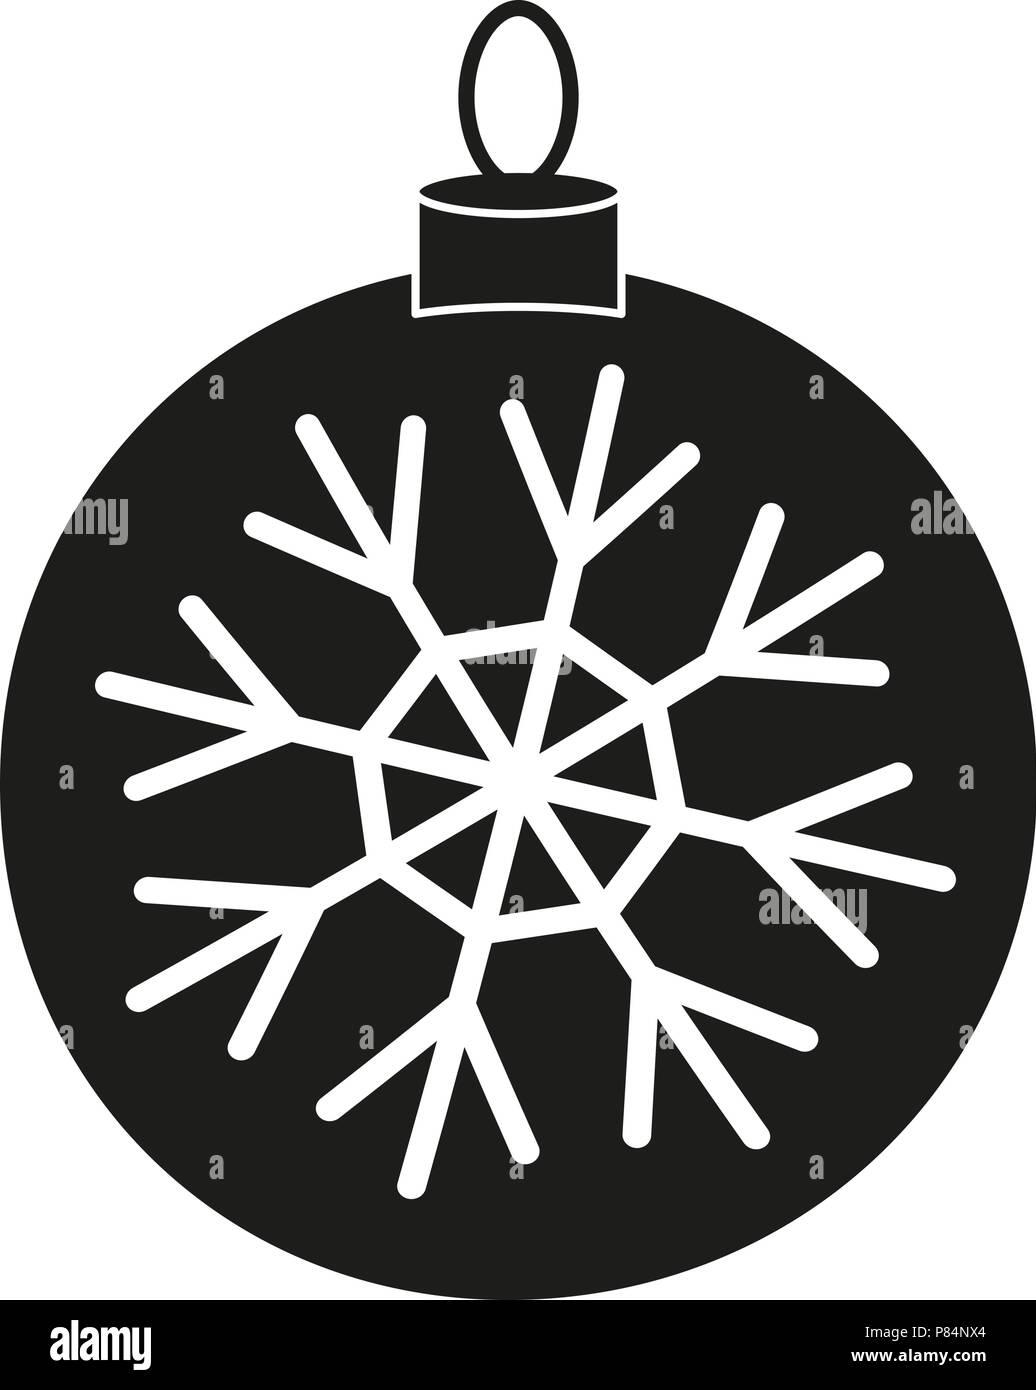 Noir Blanc Boule De Noël Snowflake Silhouette Vecteurs Et